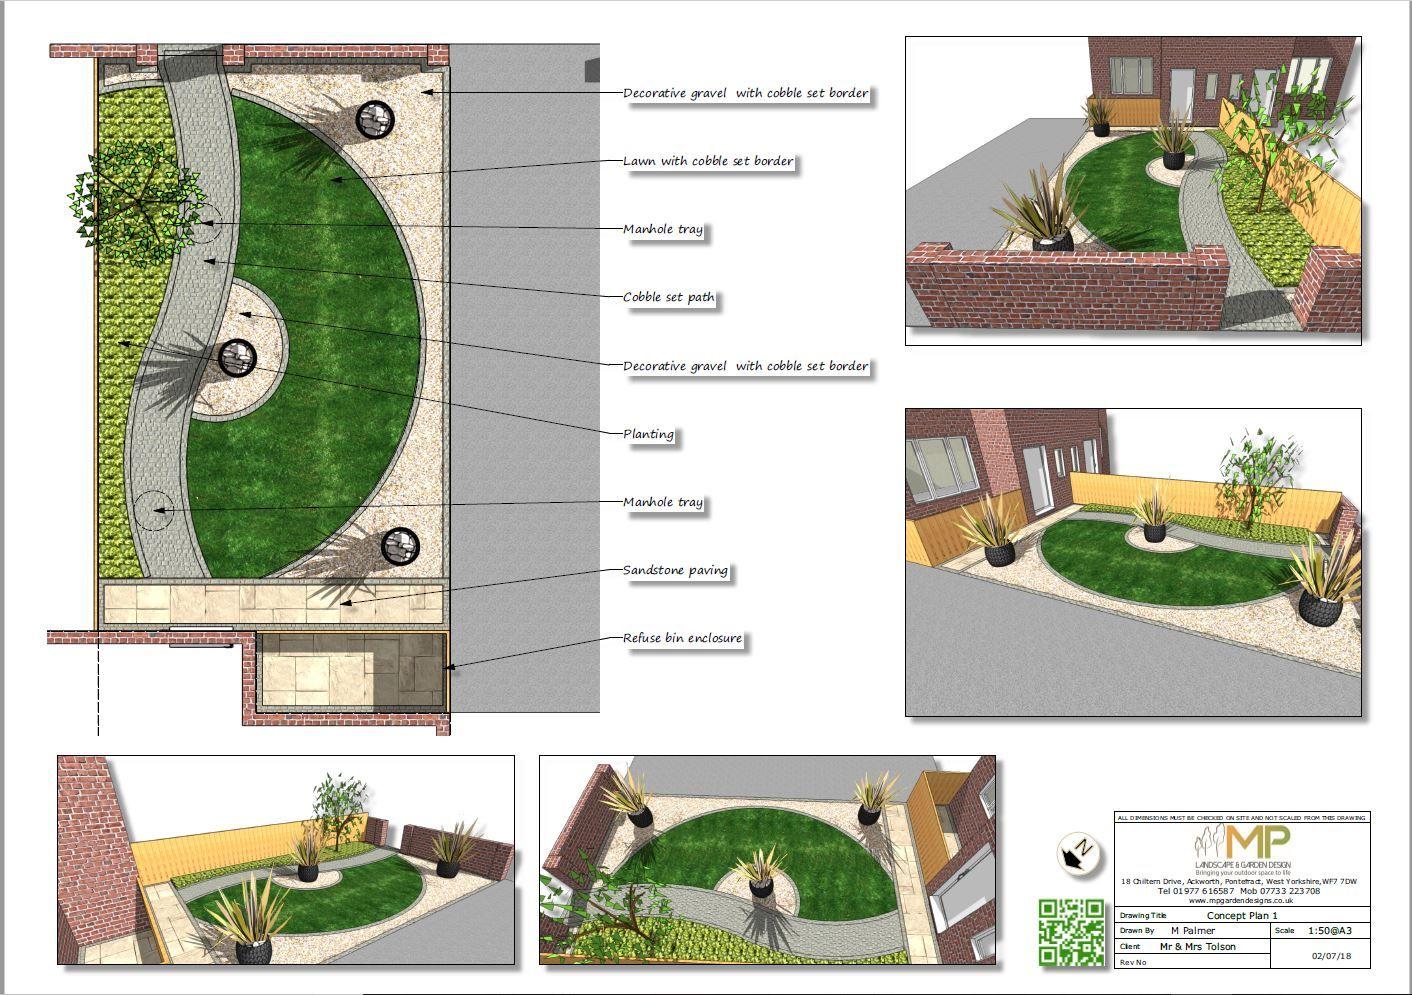 Garden Design For A Front Garden In Kippax Leeds Garden Landscapedesign Gardendesign La Landscape Design Plans Garden Design Layout Garden Planning Layout